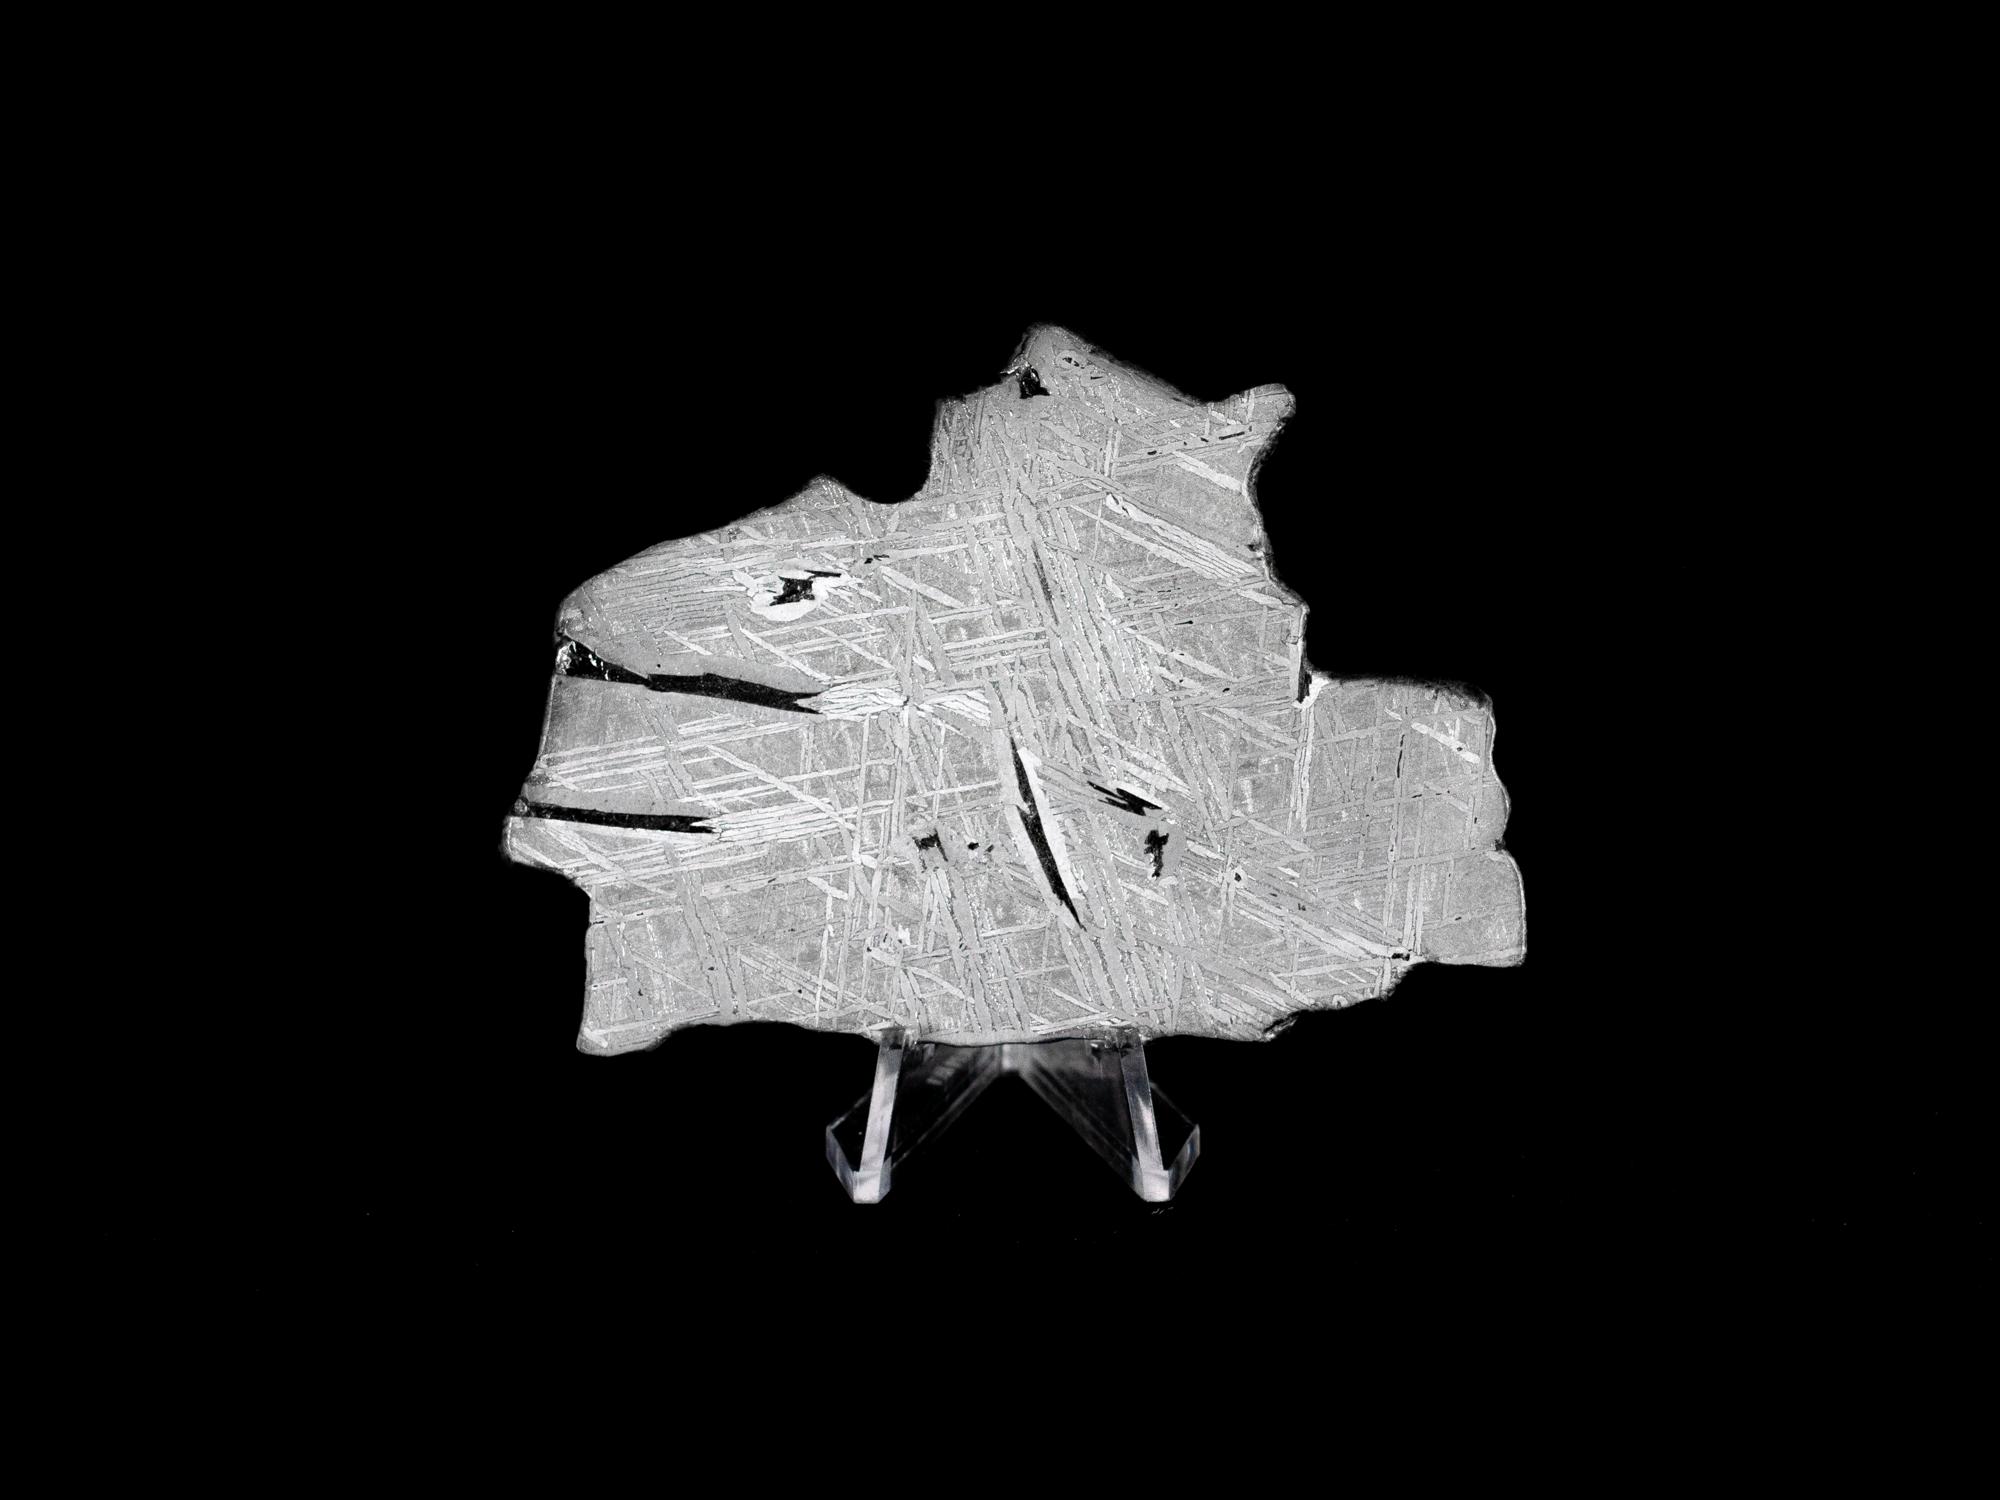 saint aubin iron meteorite